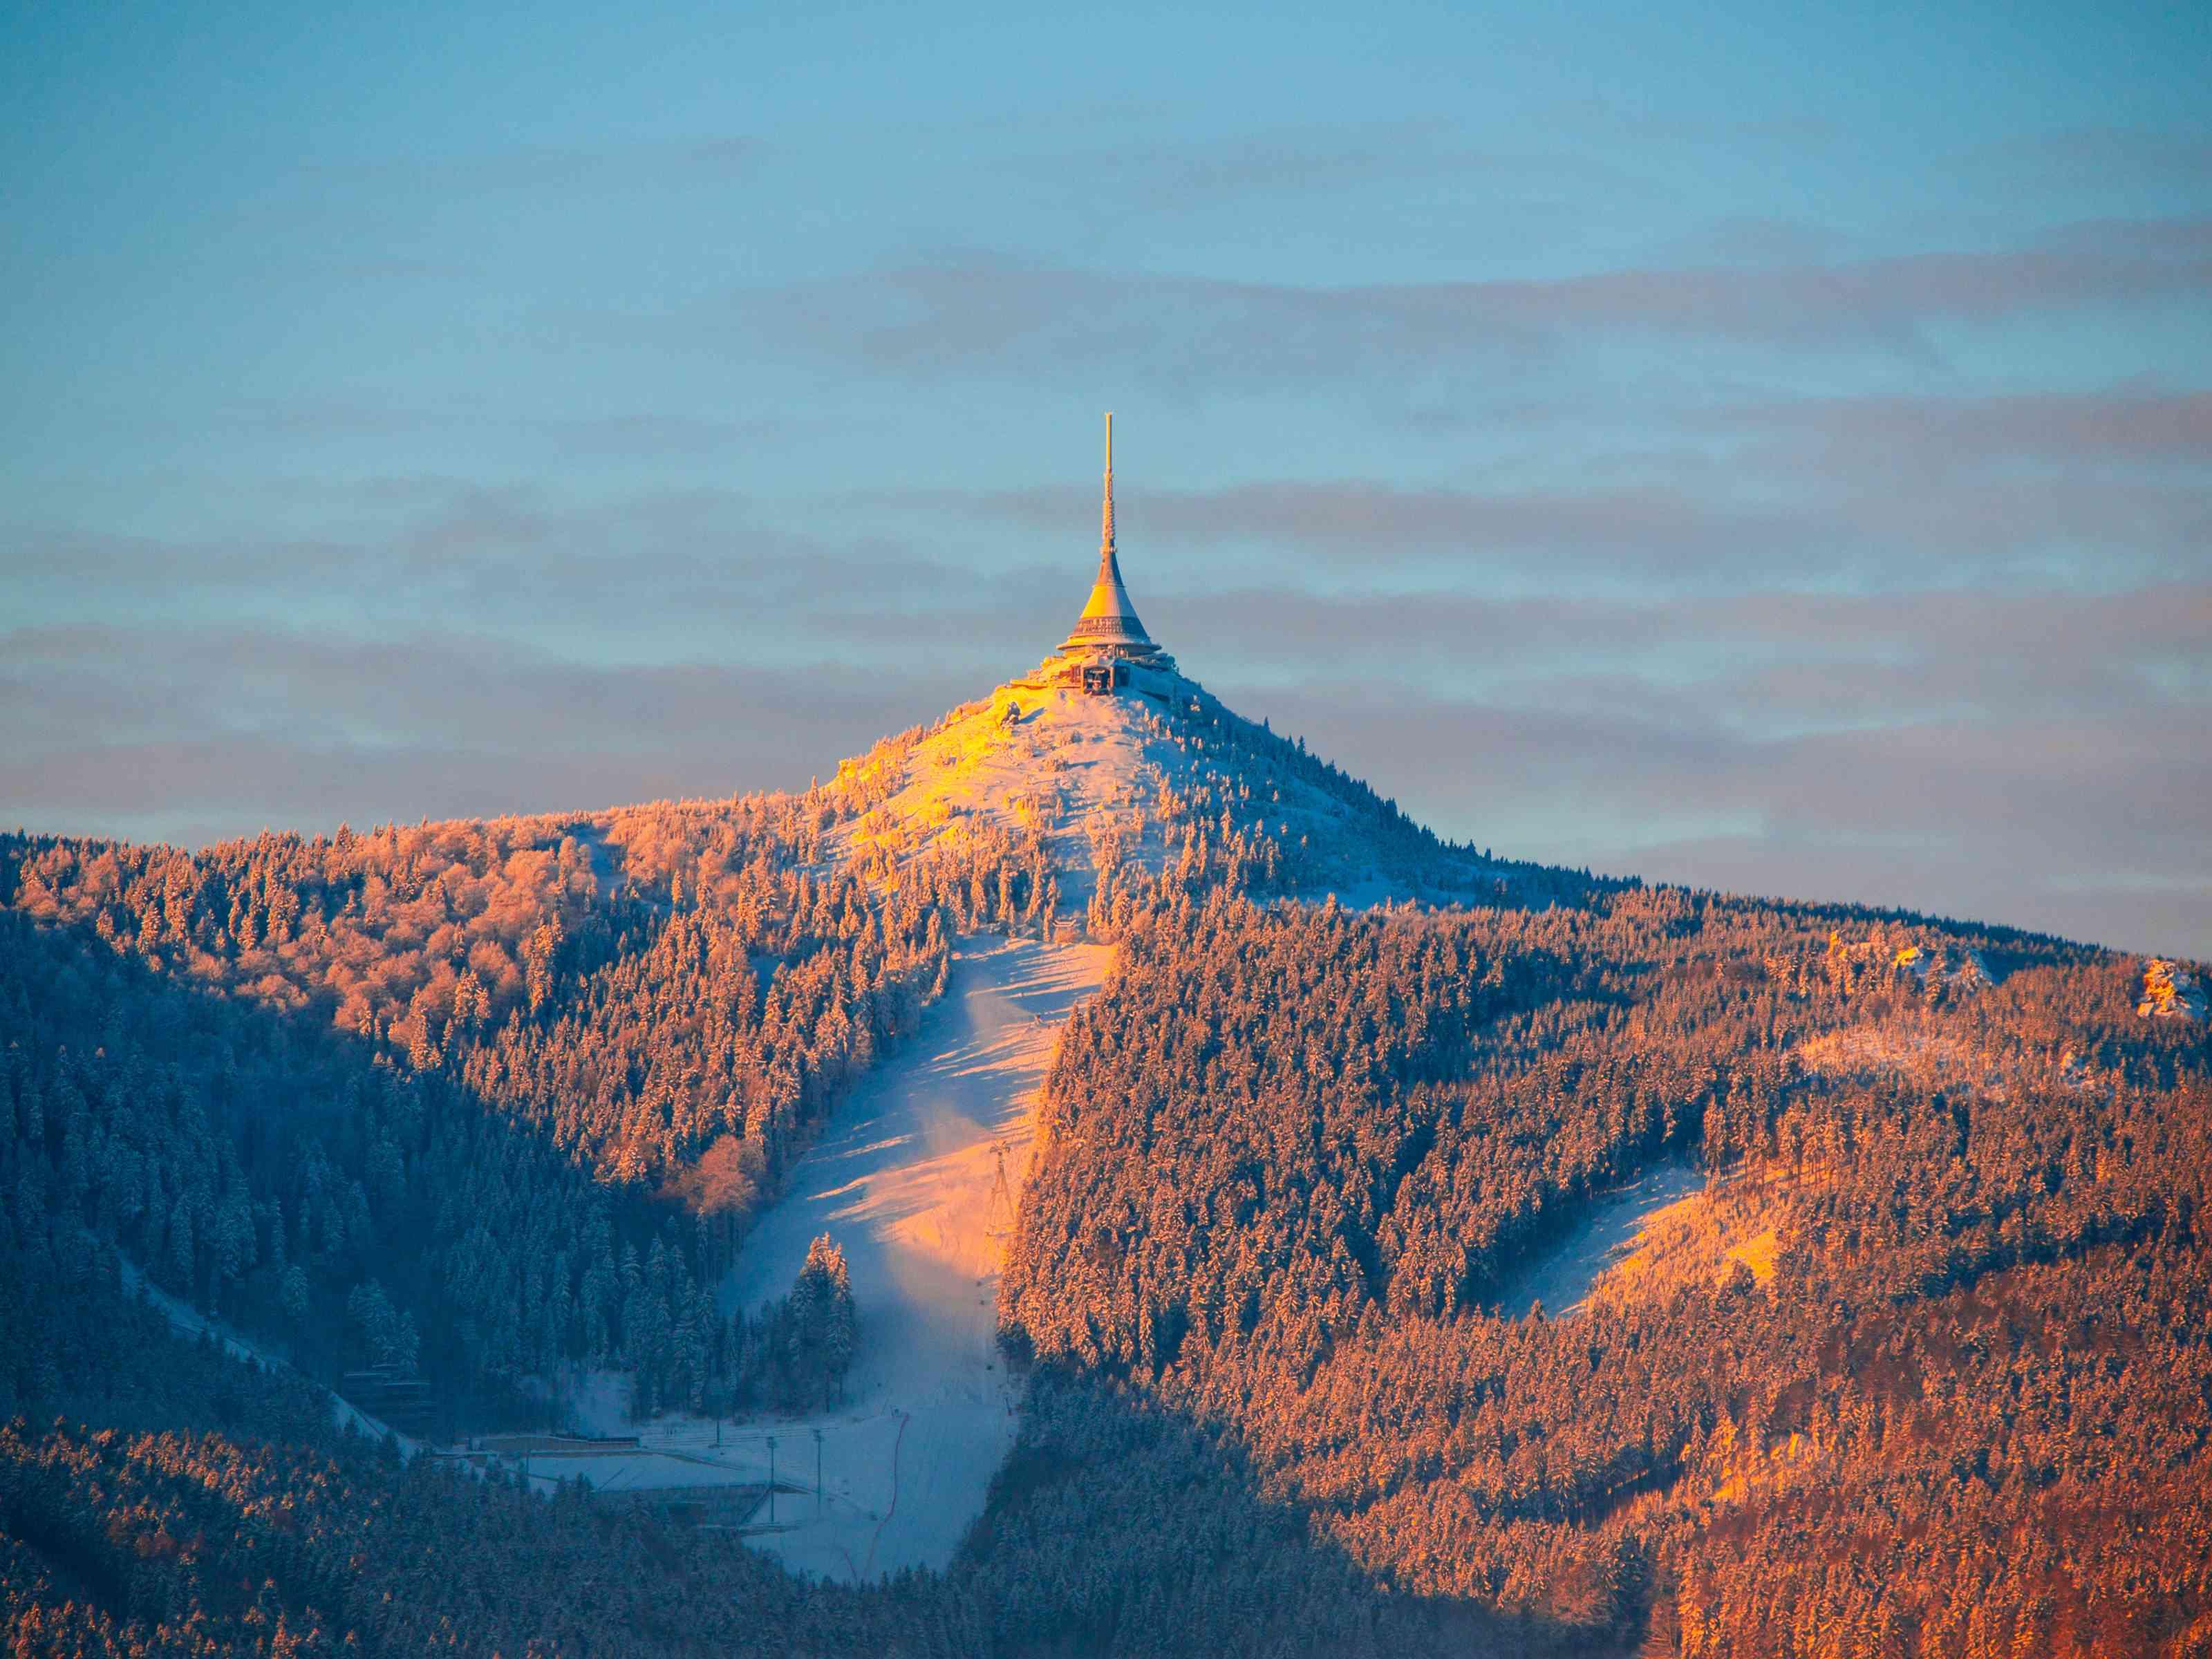 Amanecer matutino en la montaña Jested y la estación de esquí Jested. Humor en invierno. Liberec, República Checa